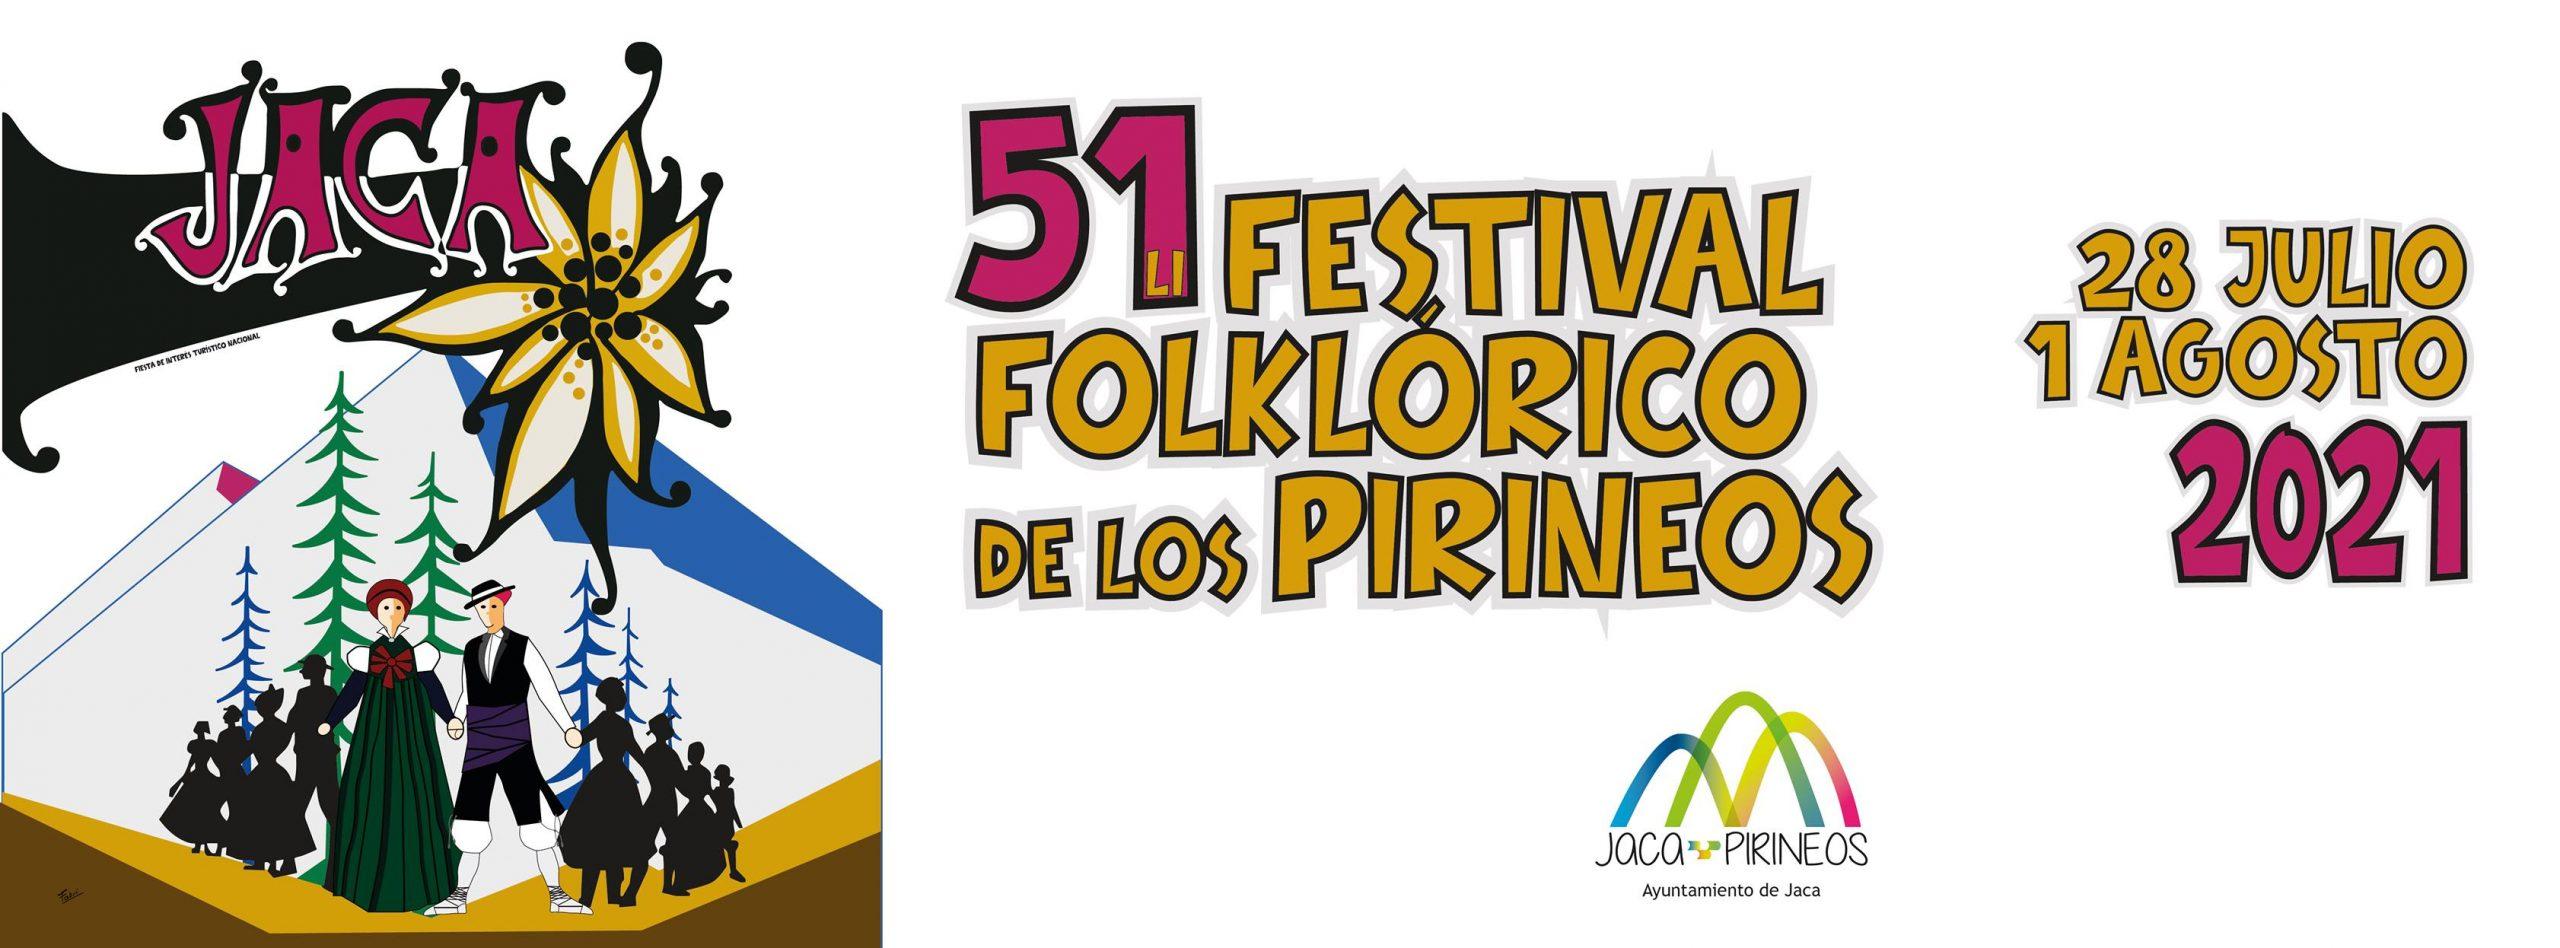 El Festival Folklórico de los Pirineos adapta su programa a las nuevas medidas anticovid